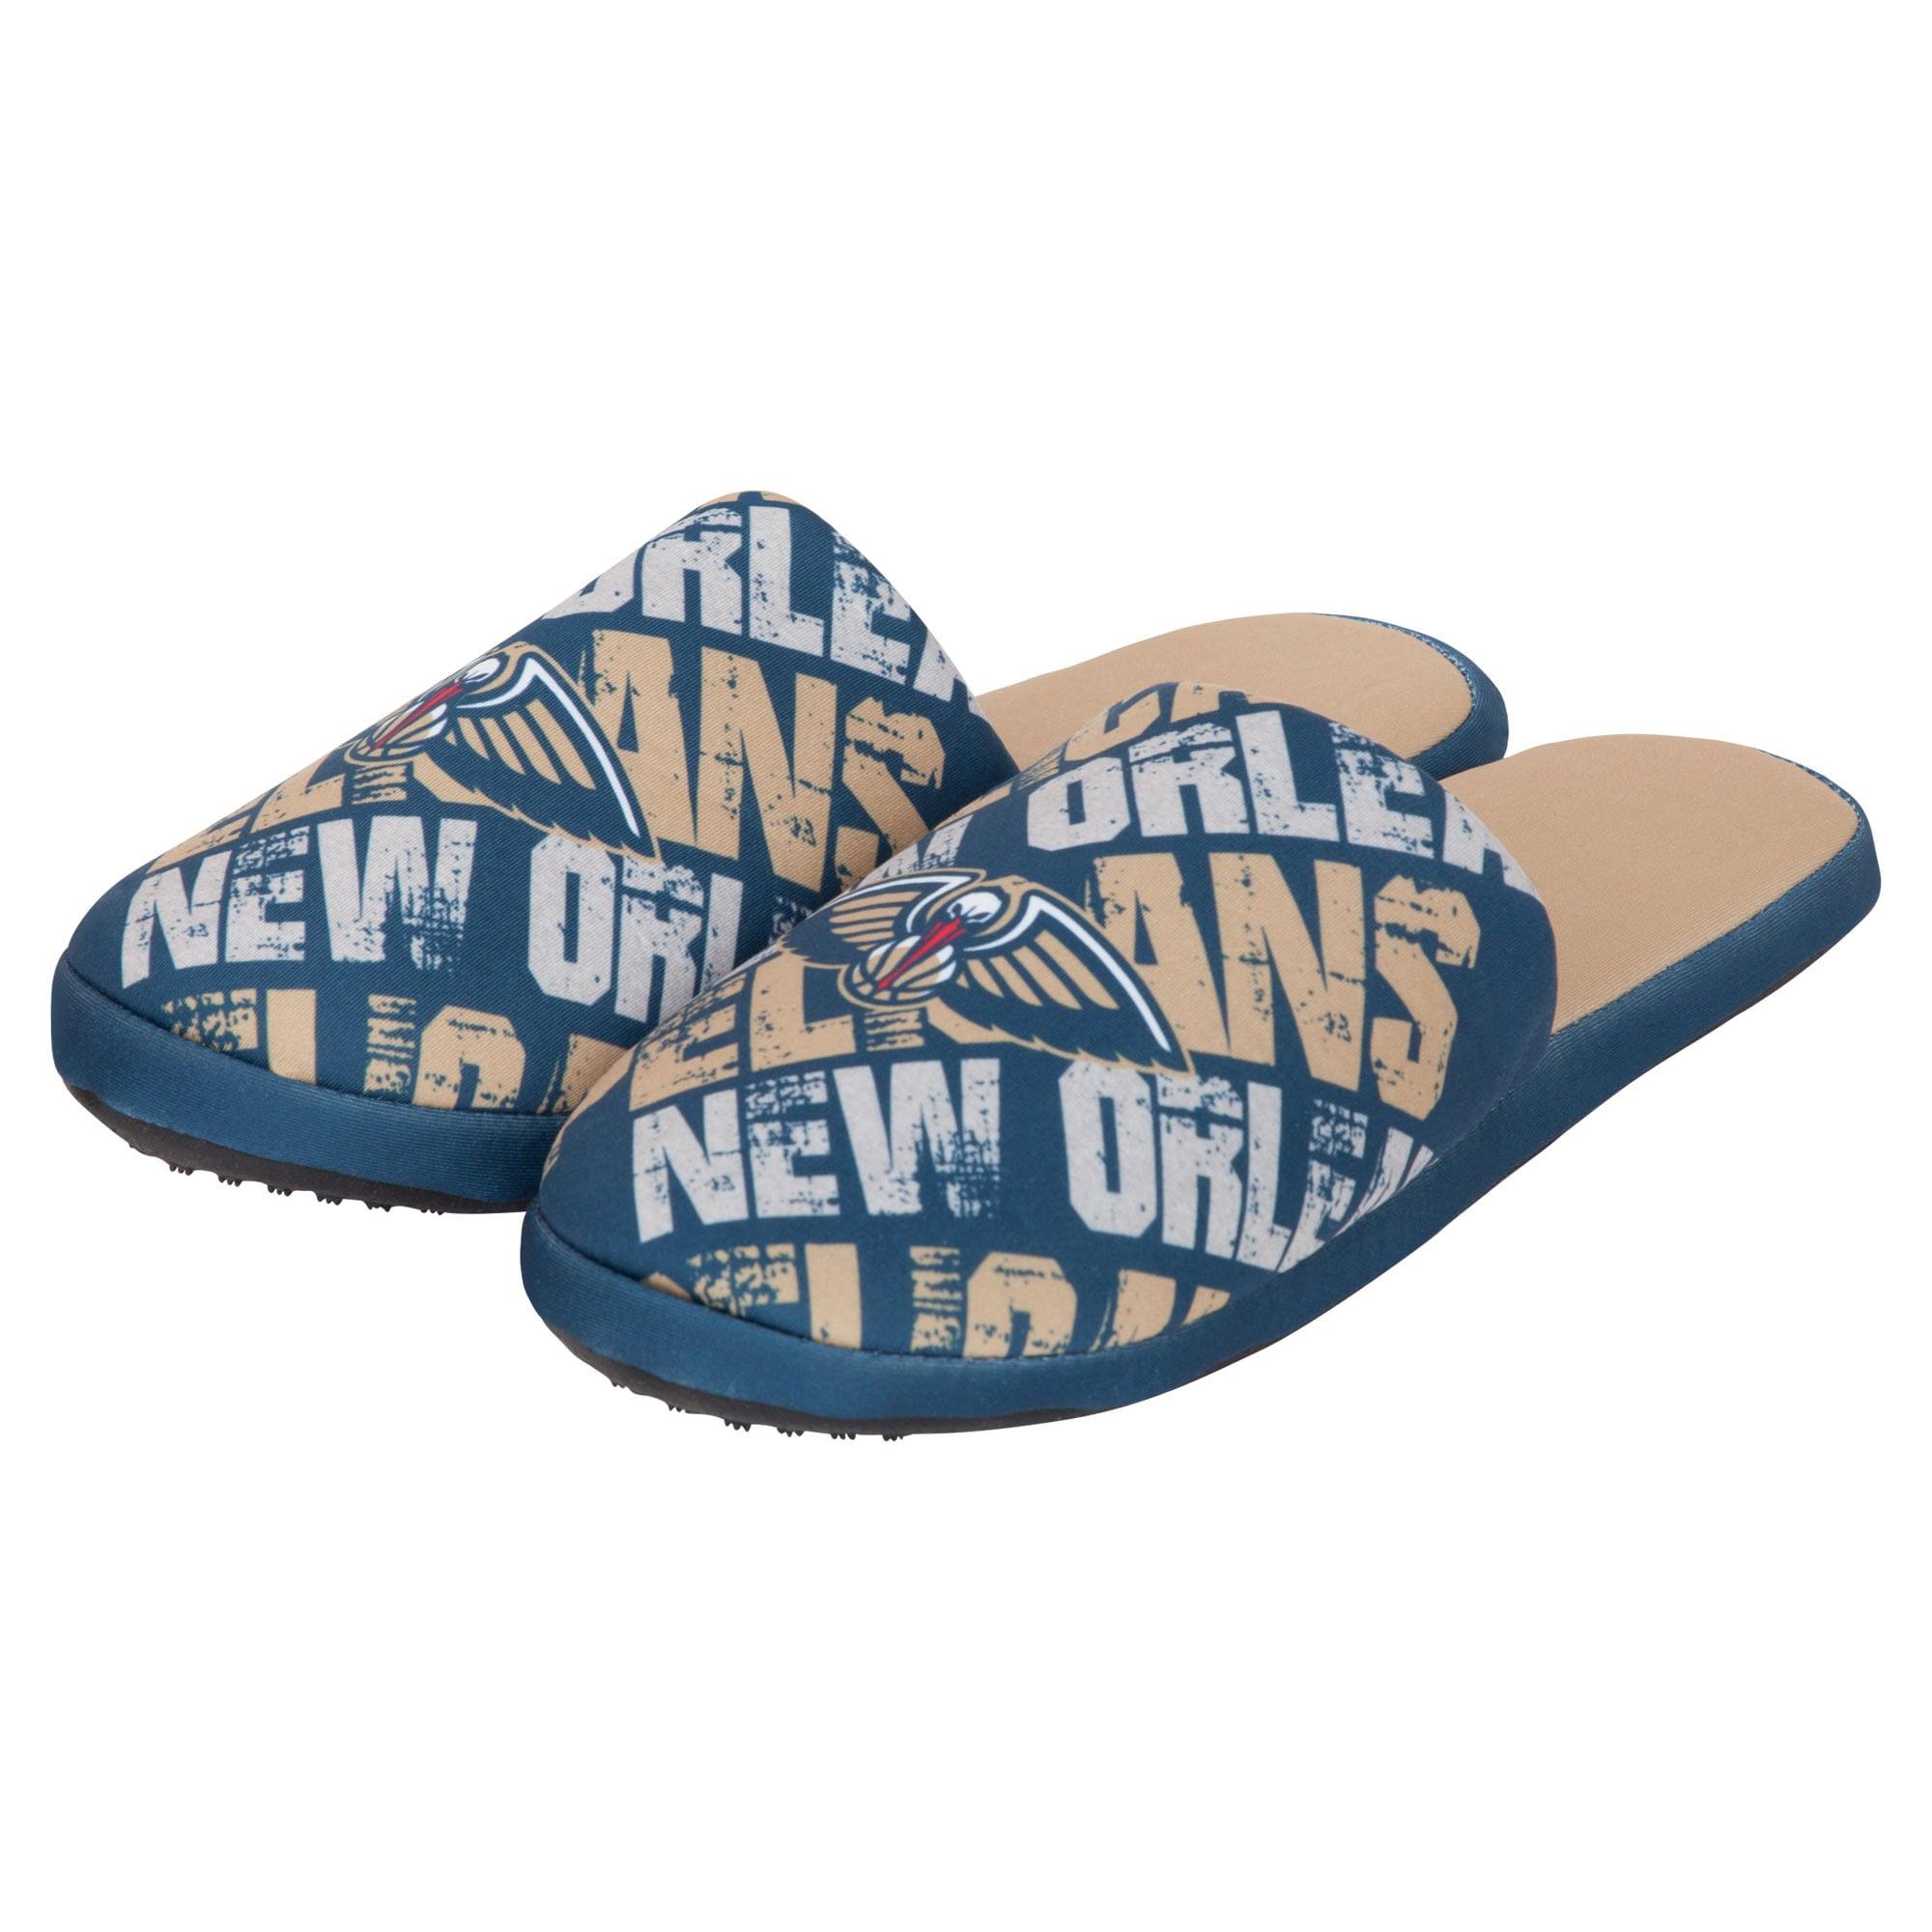 New Orleans Pelicans Digital Print Slippers - Navy